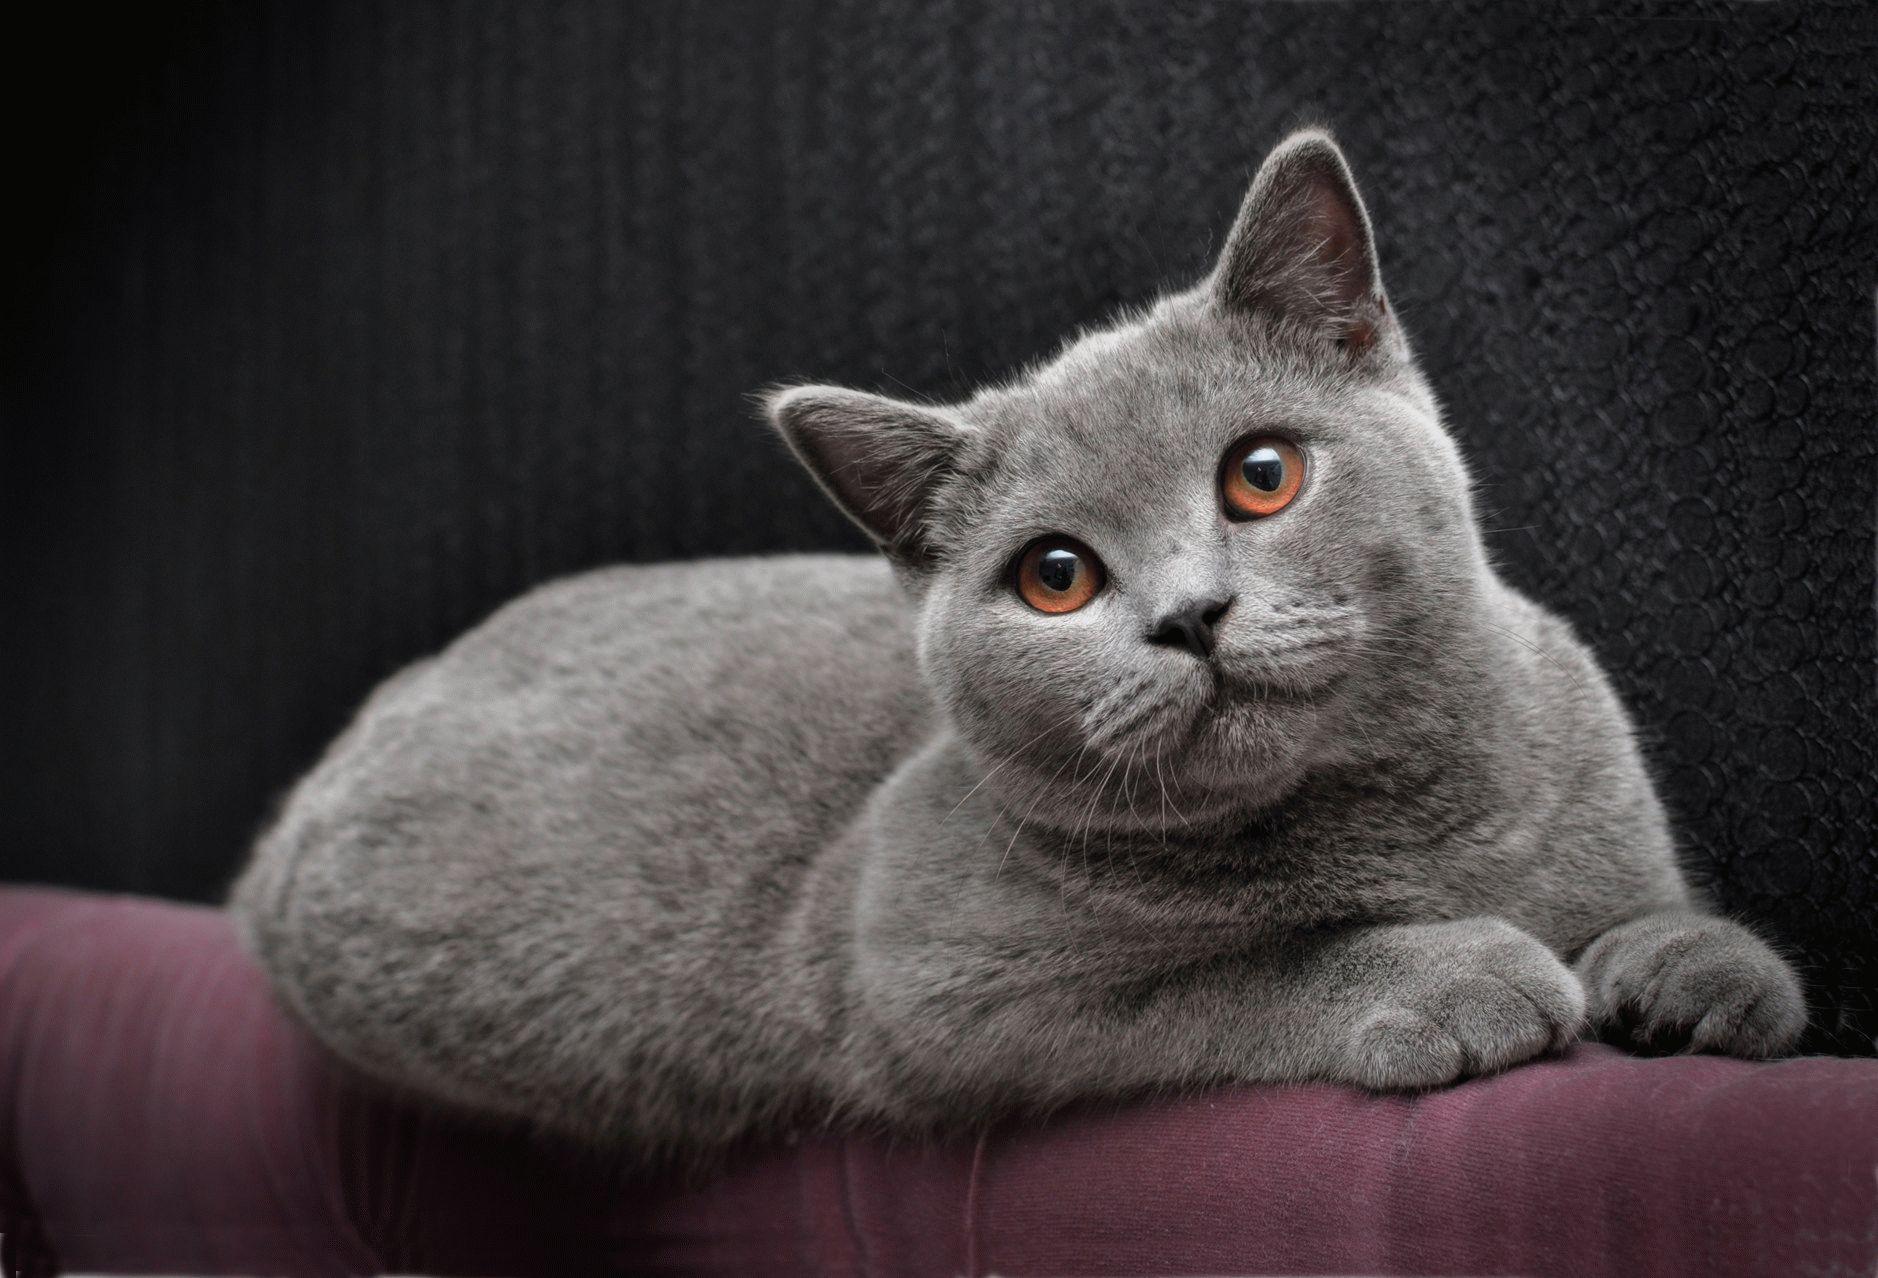 кошки фото красивые британцы экономии